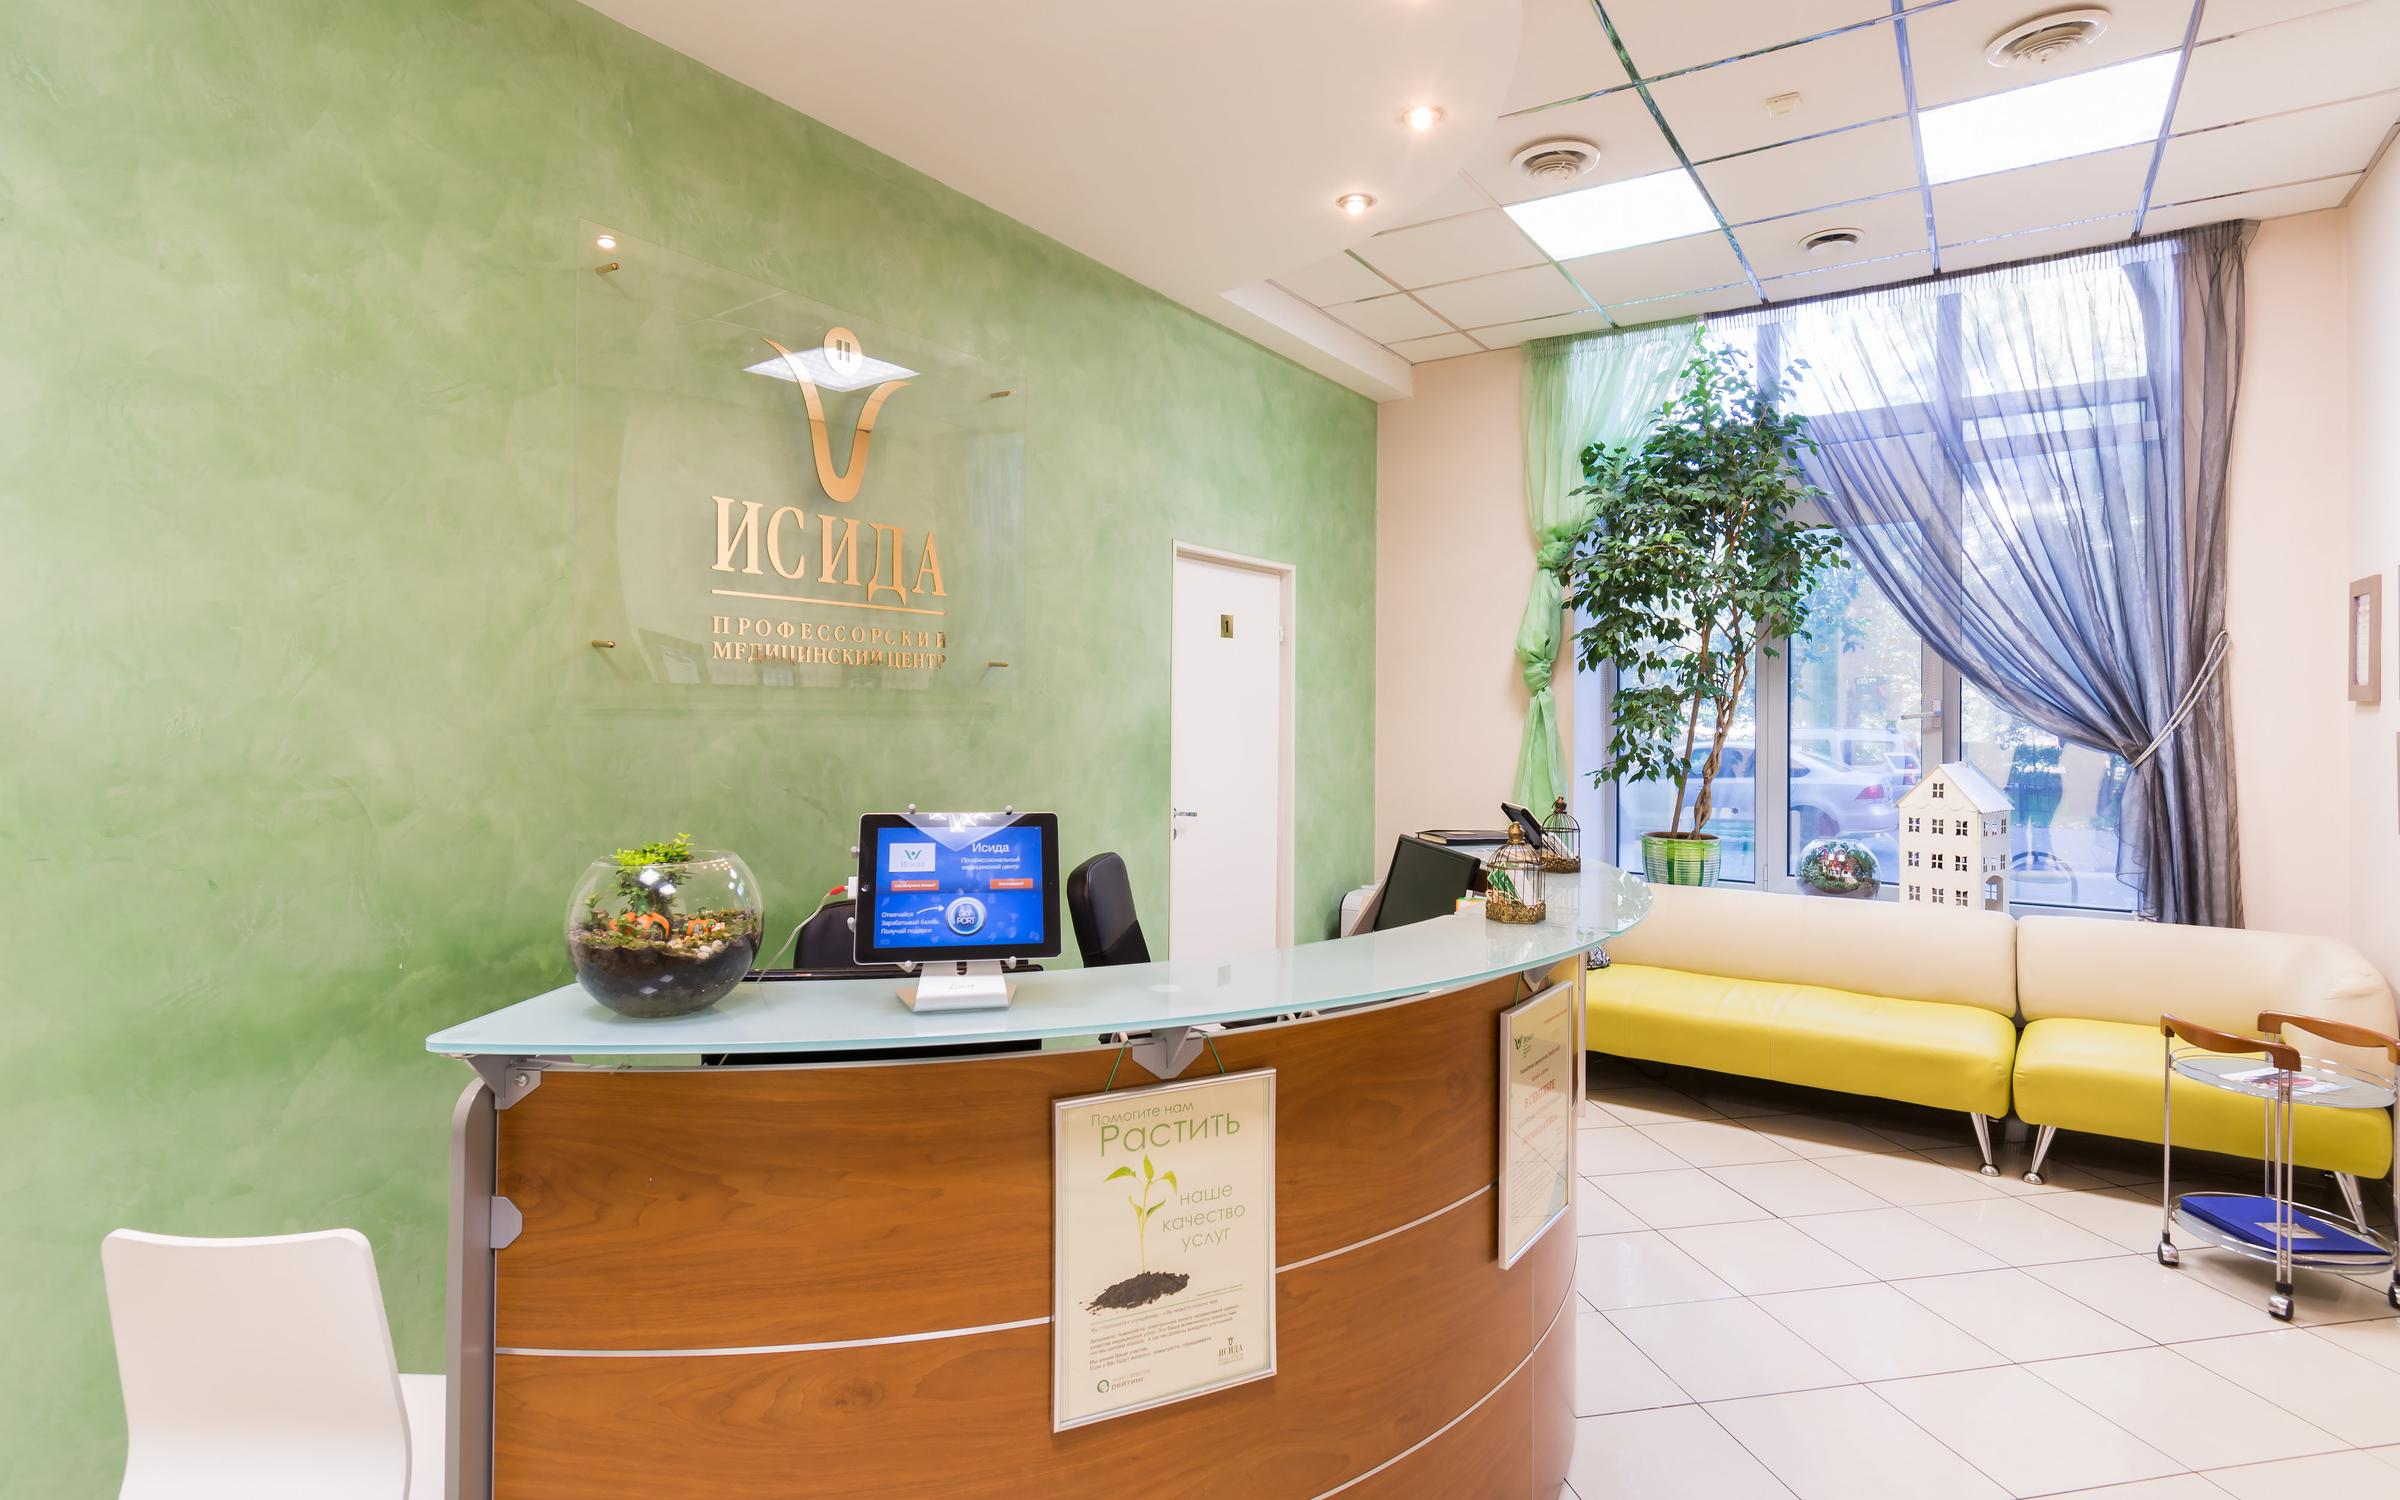 фотография Медицинского центра Исида на Олимпийском проспекте в Мытищах